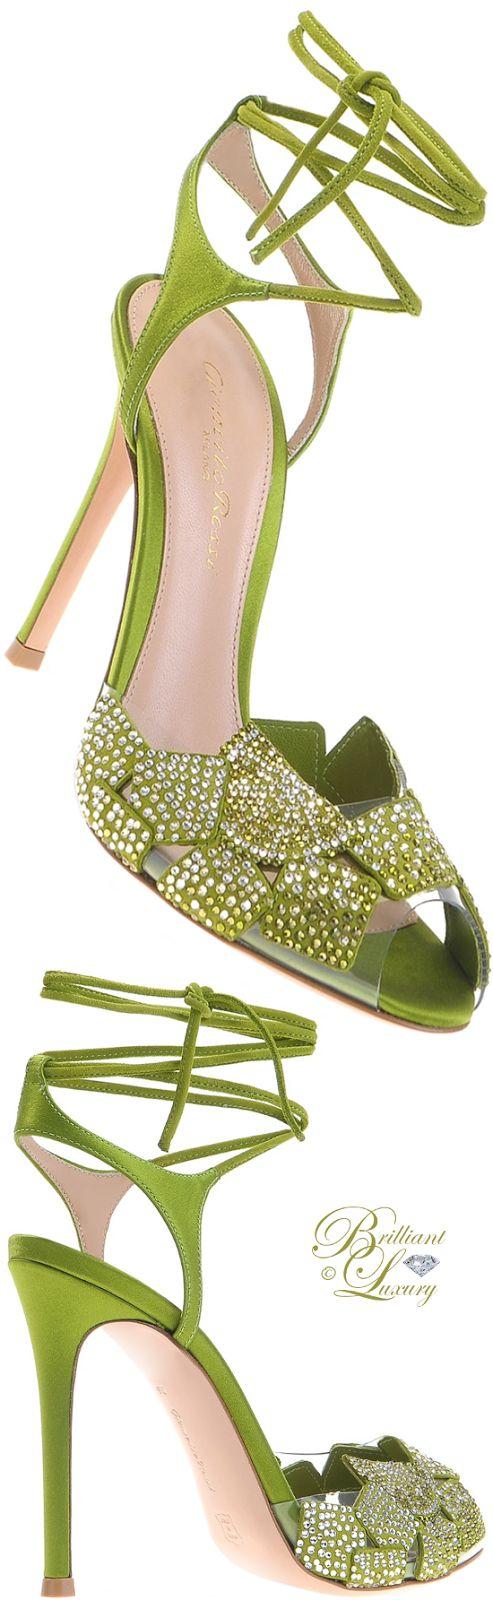 Brilliant Luxury by Emmy DE ♦ Gianvito Rossi Mojito Sandals